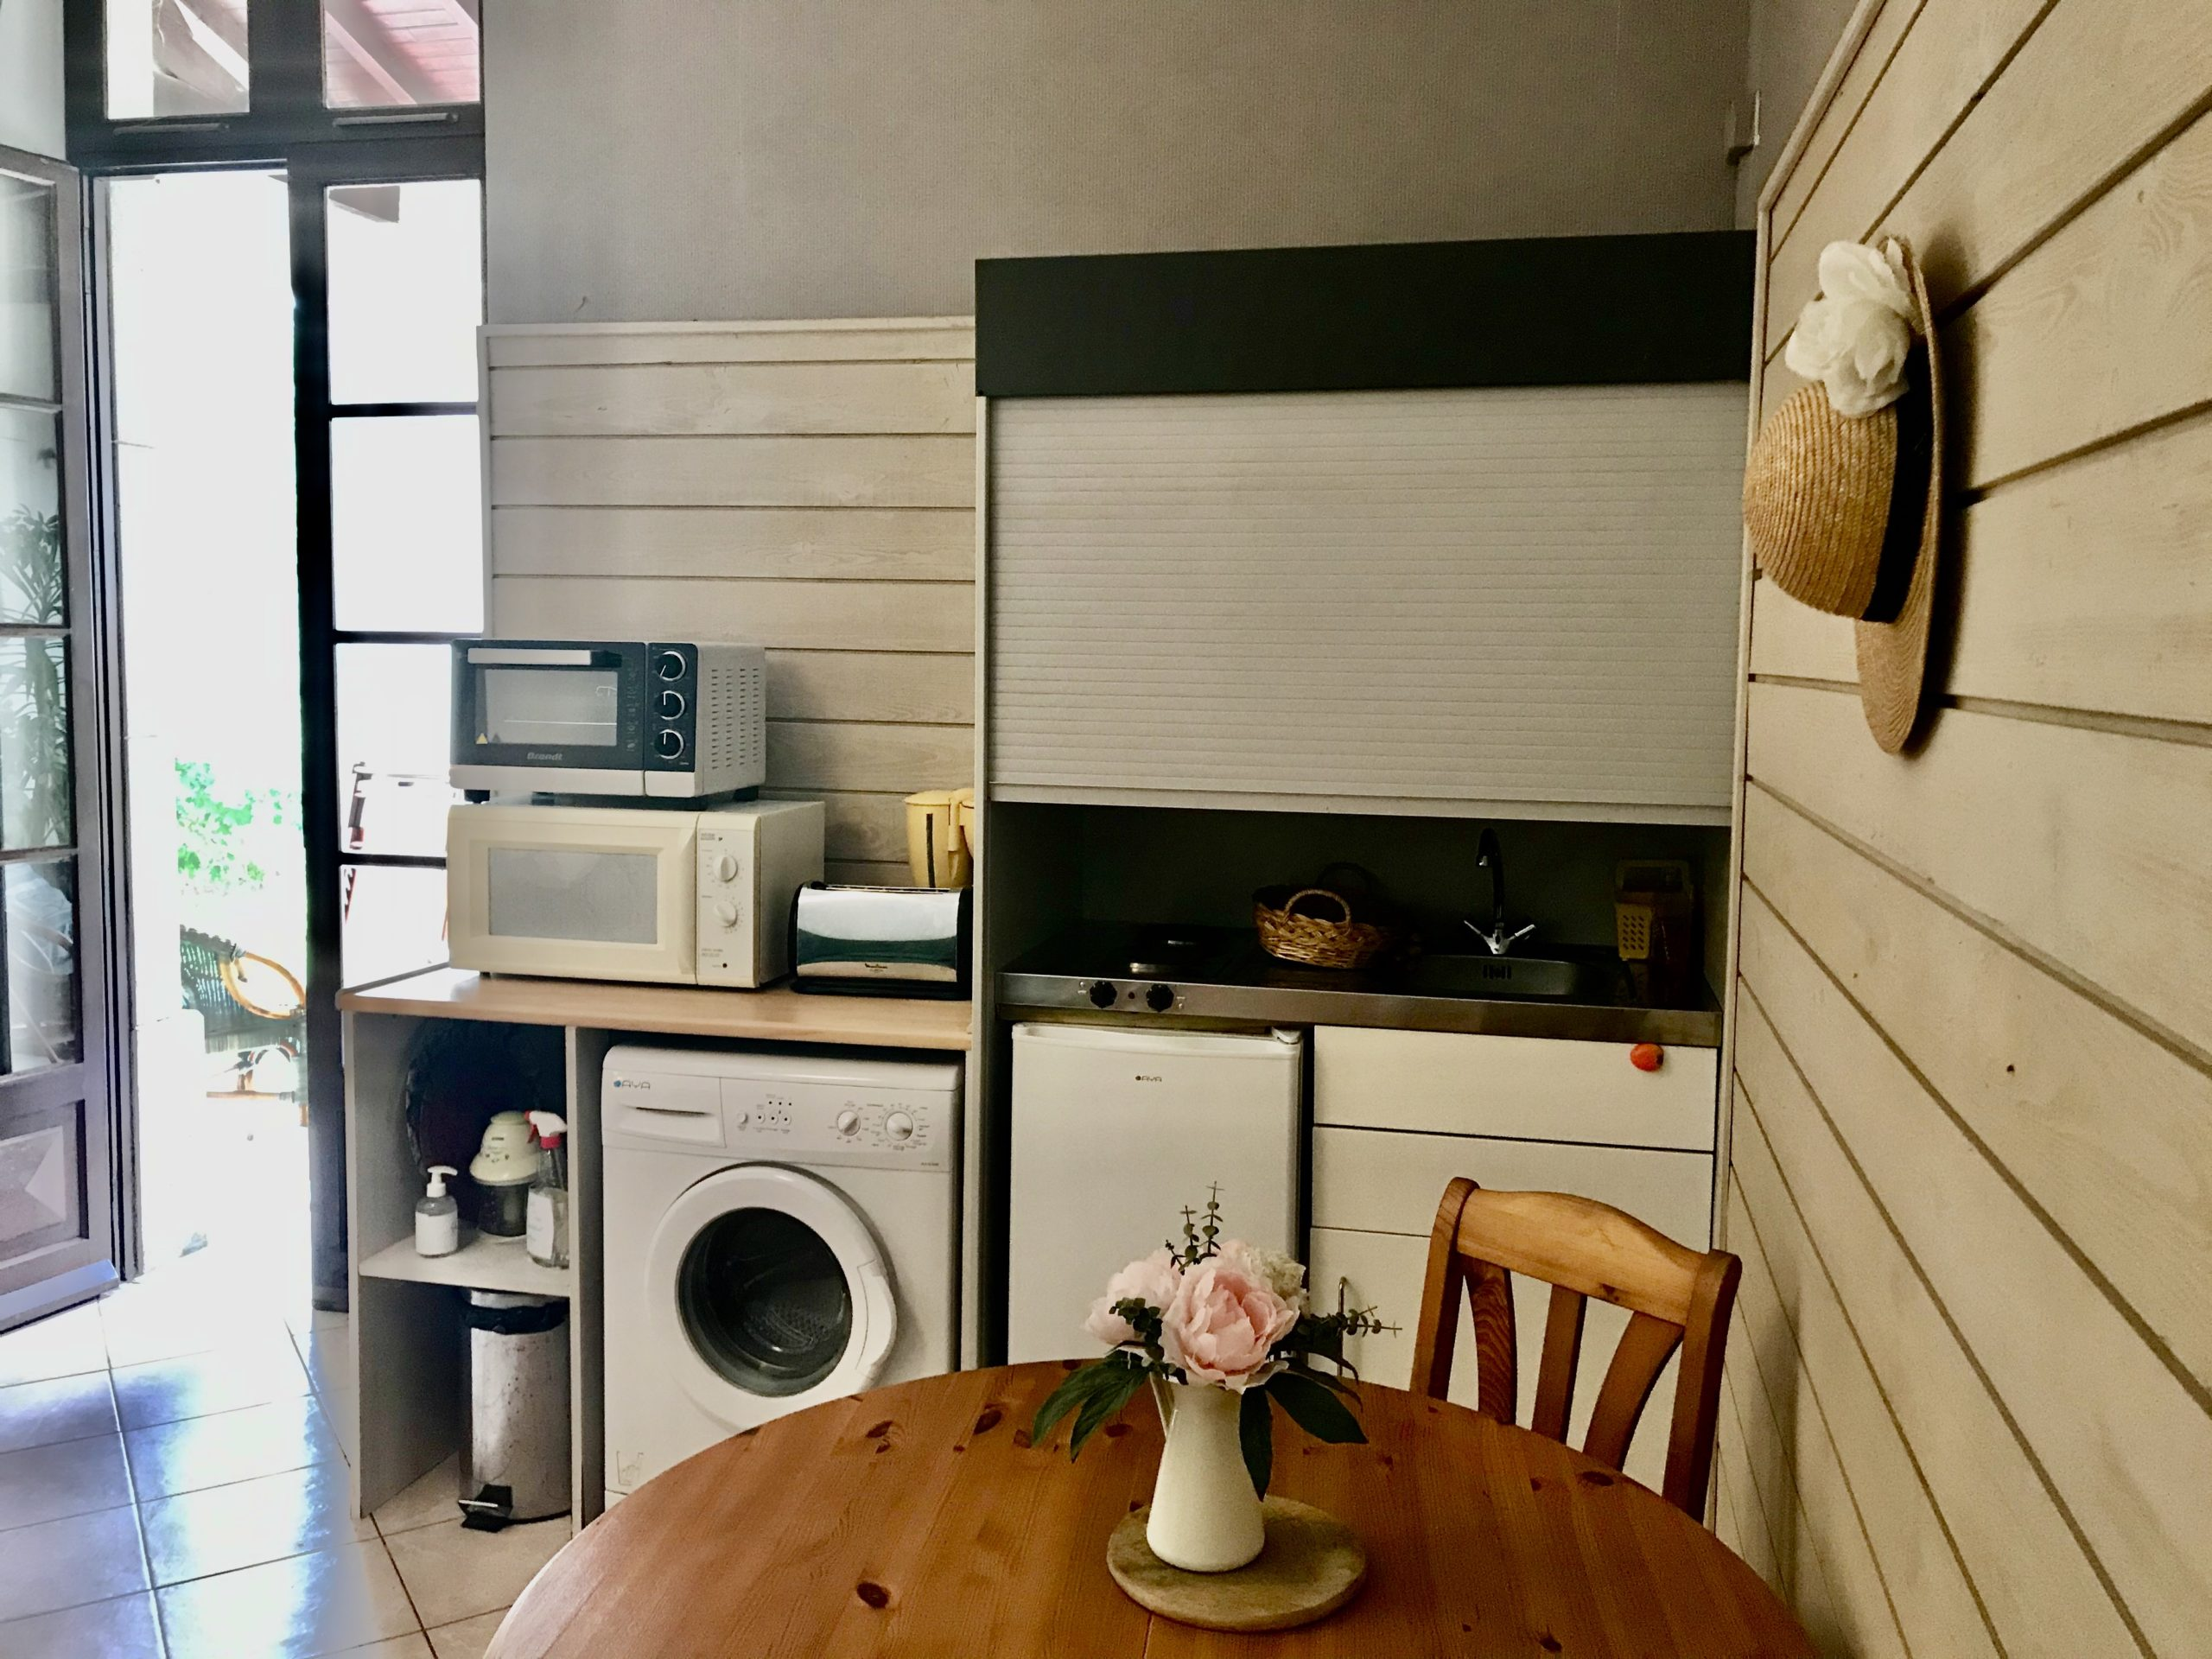 La petite cuisine intégrée